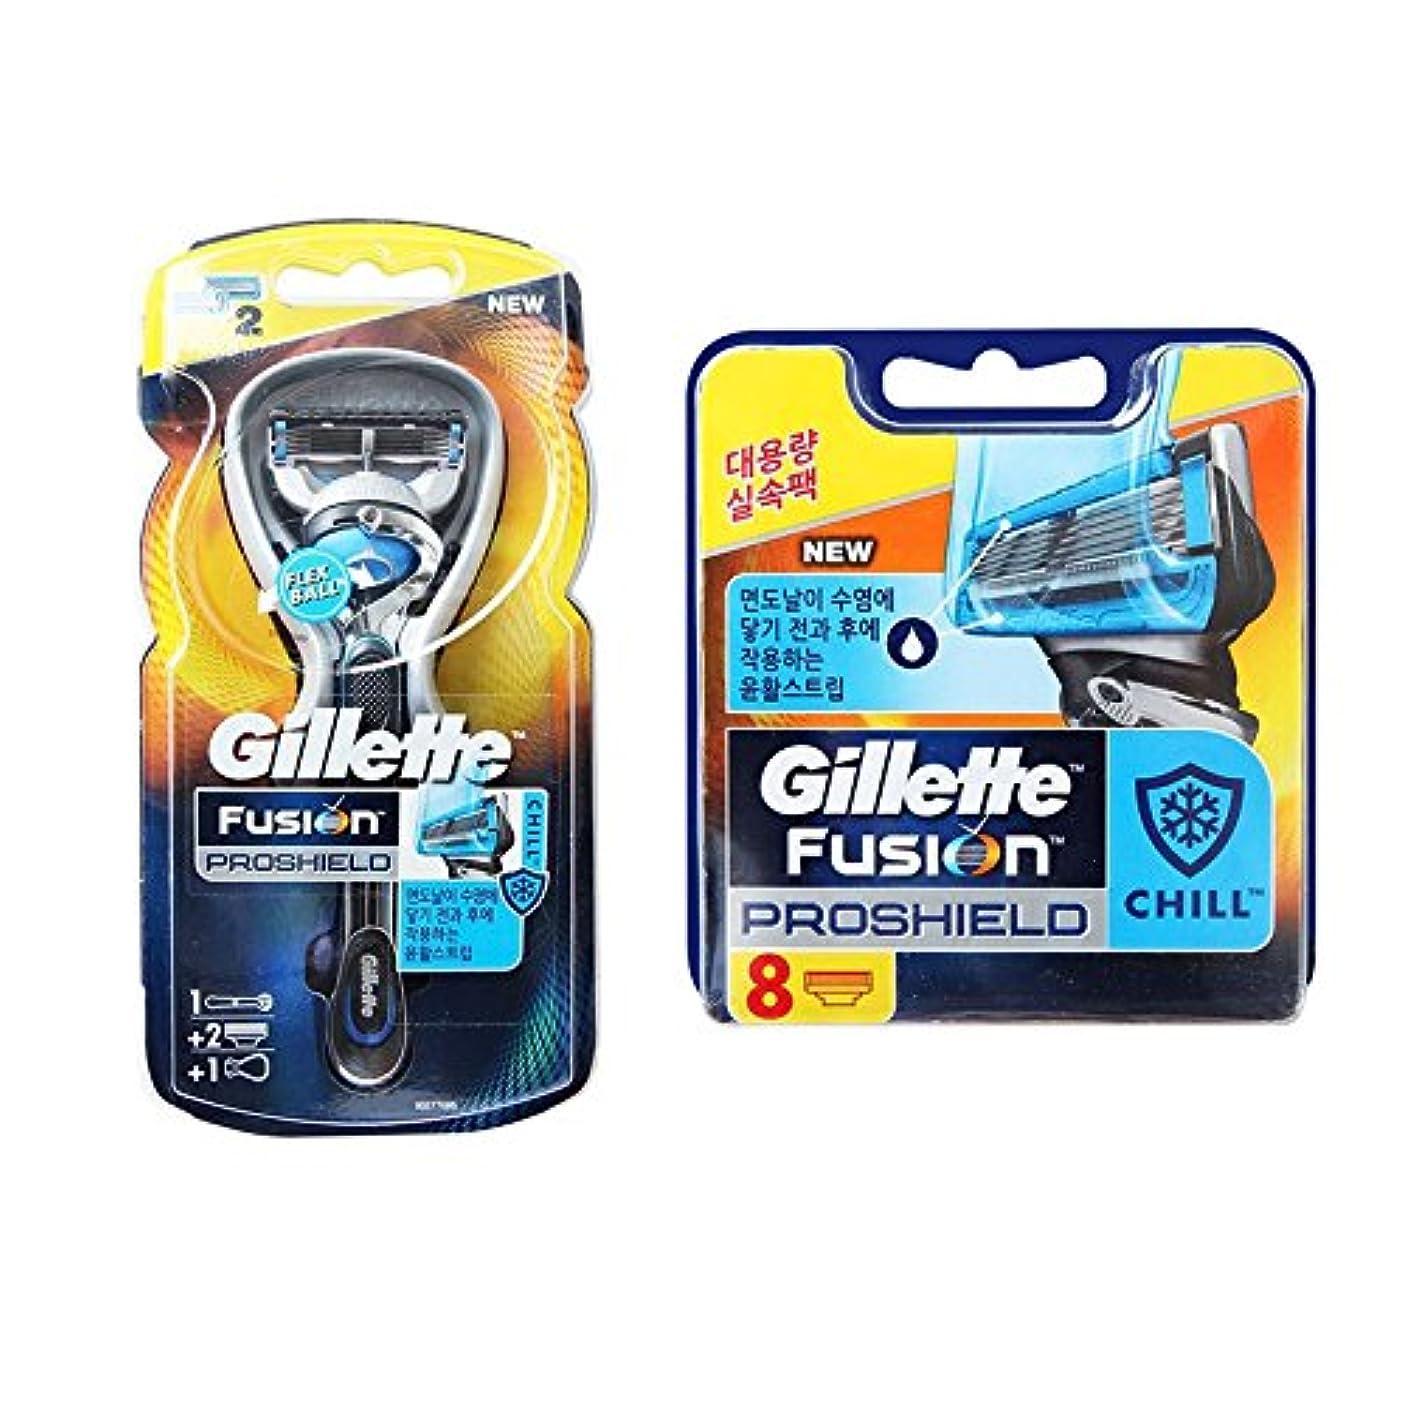 性的側面どちらもGillette Fusion Proshield Chill Blue 1本の剃刀と10本の剃刀刃 [並行輸入品]